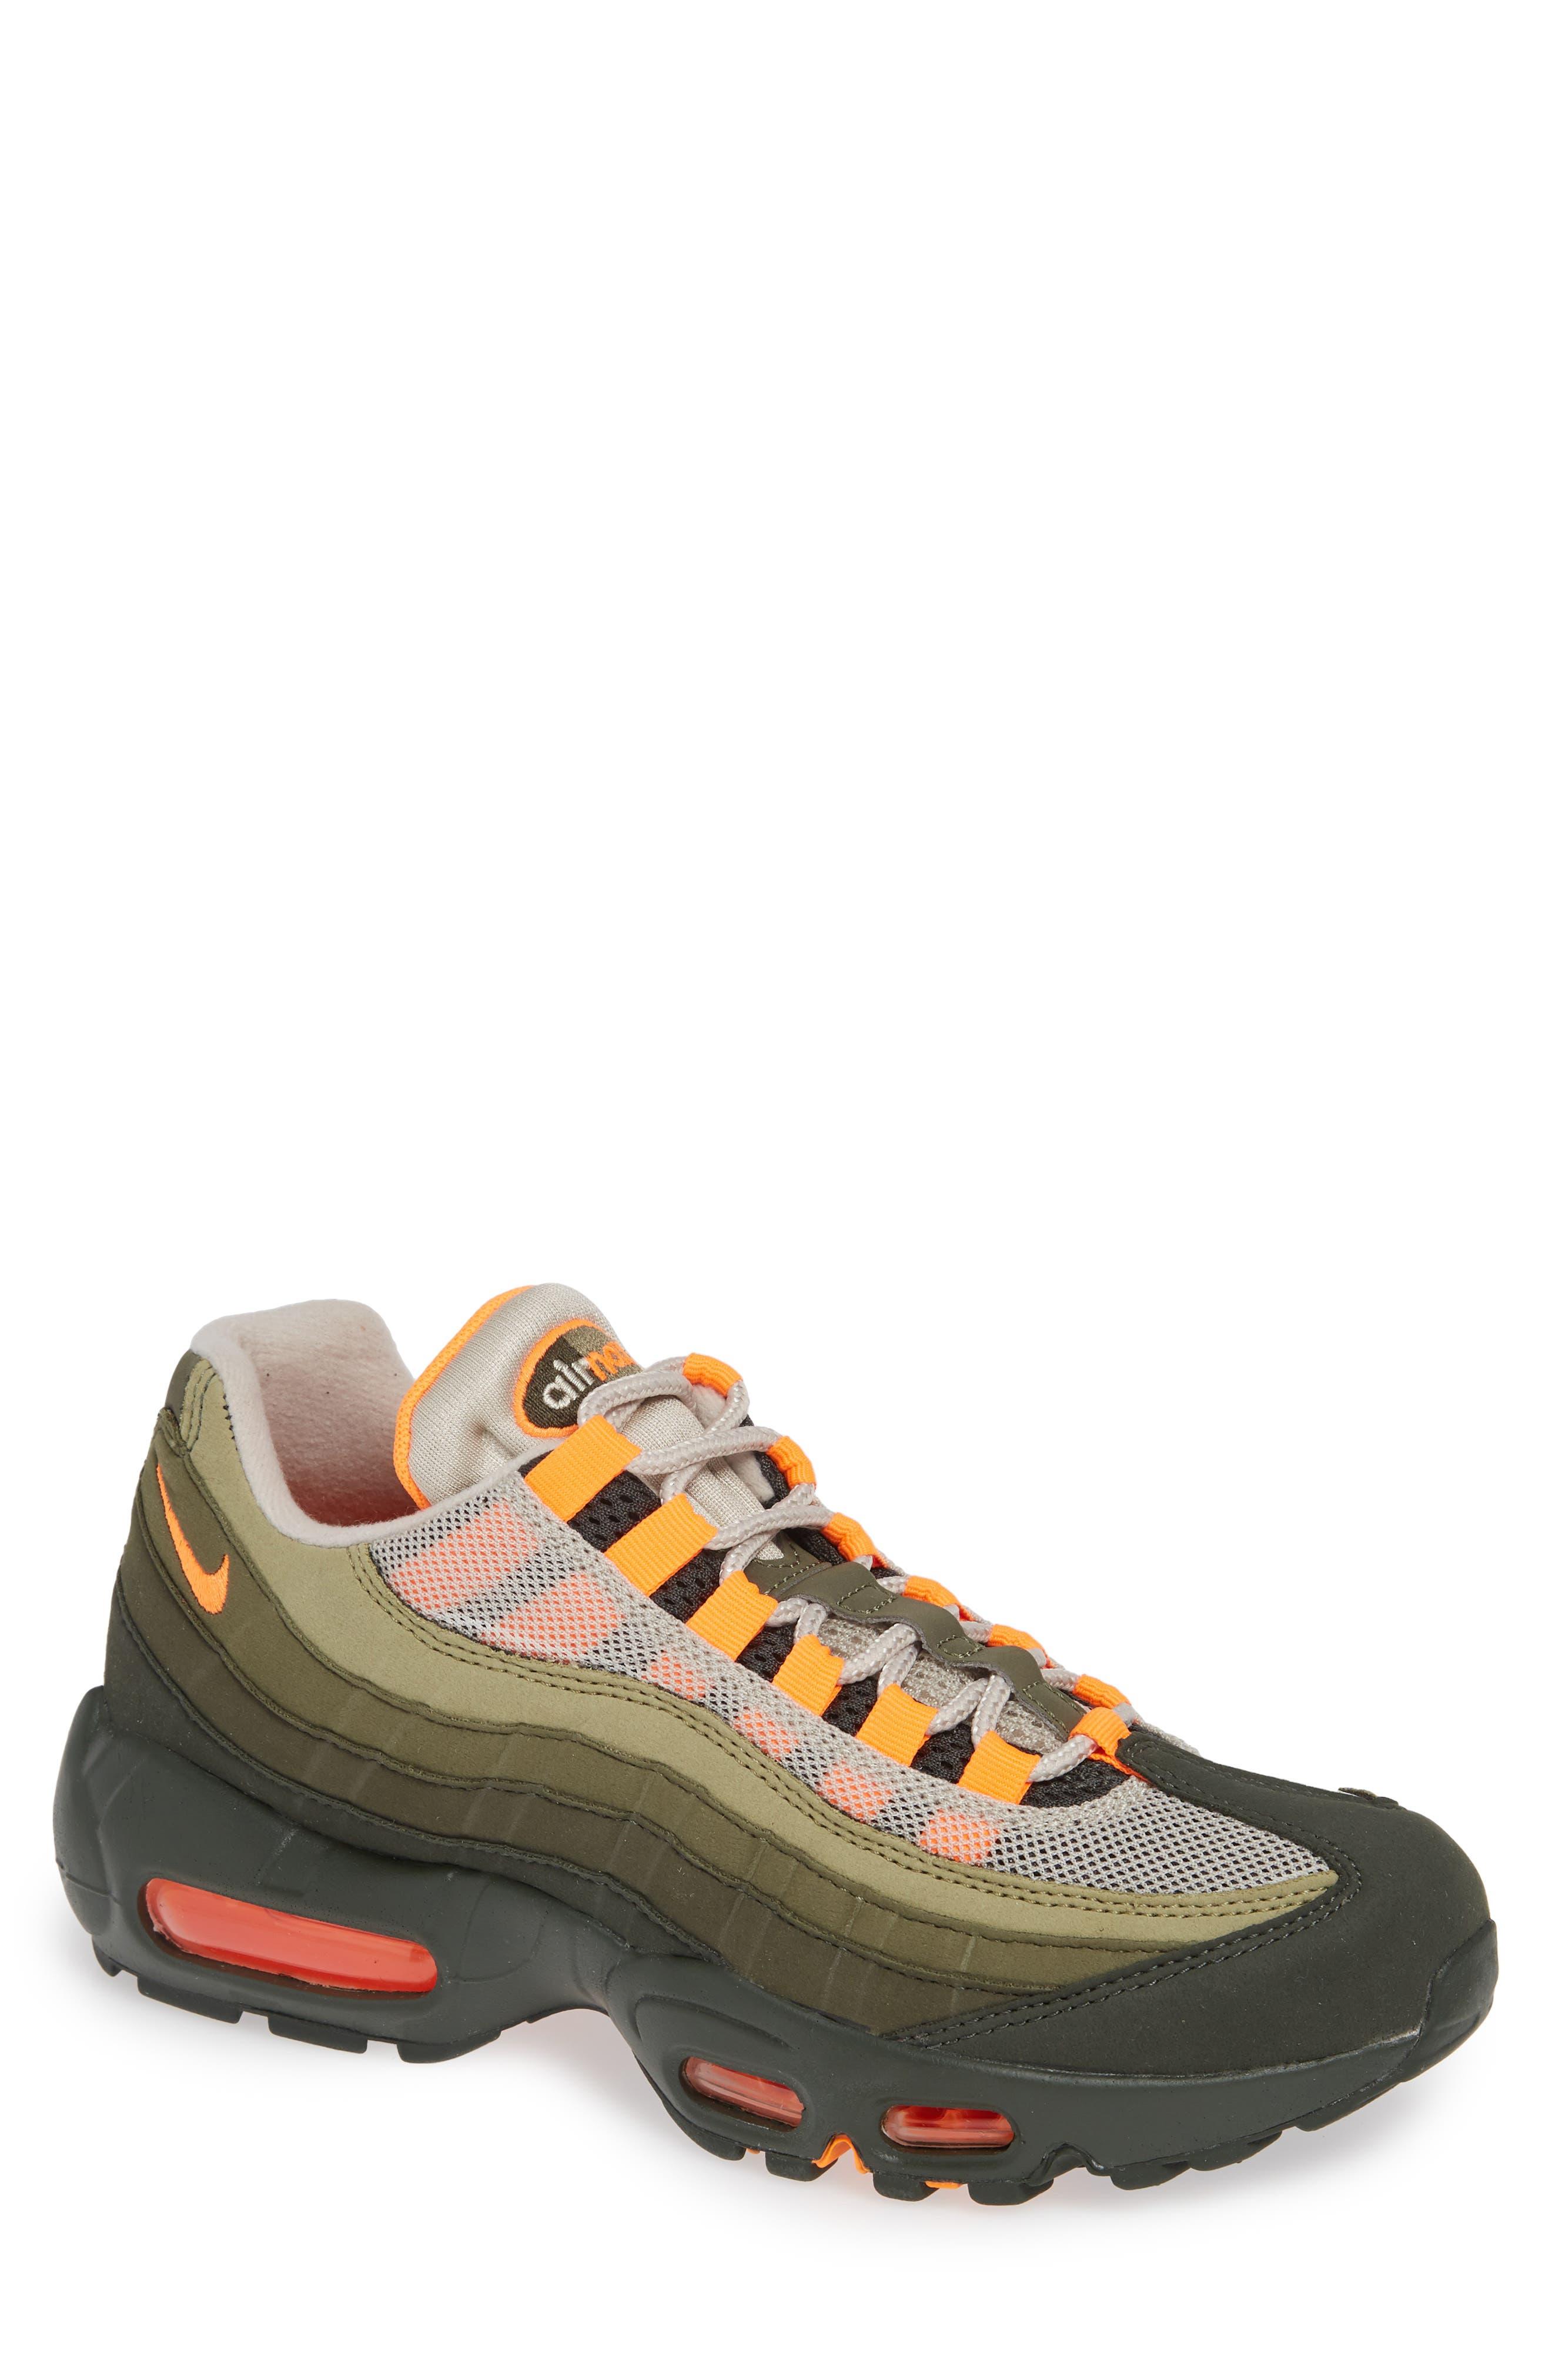 Air Max 95 OG Sneaker,                         Main,                         color, STRING/ TOTAL ORANGE-NEUTRAL